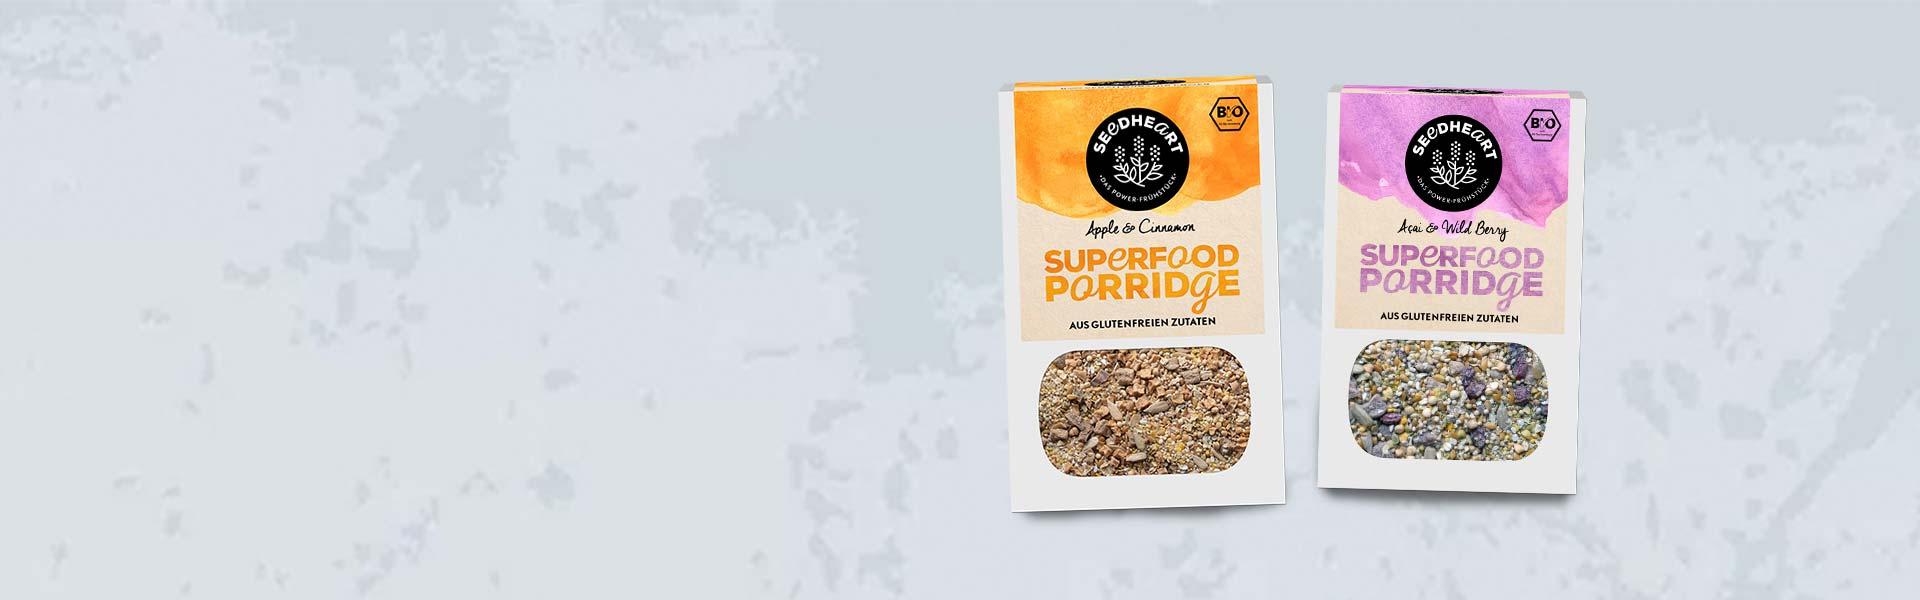 Superfood Porridge - Slider